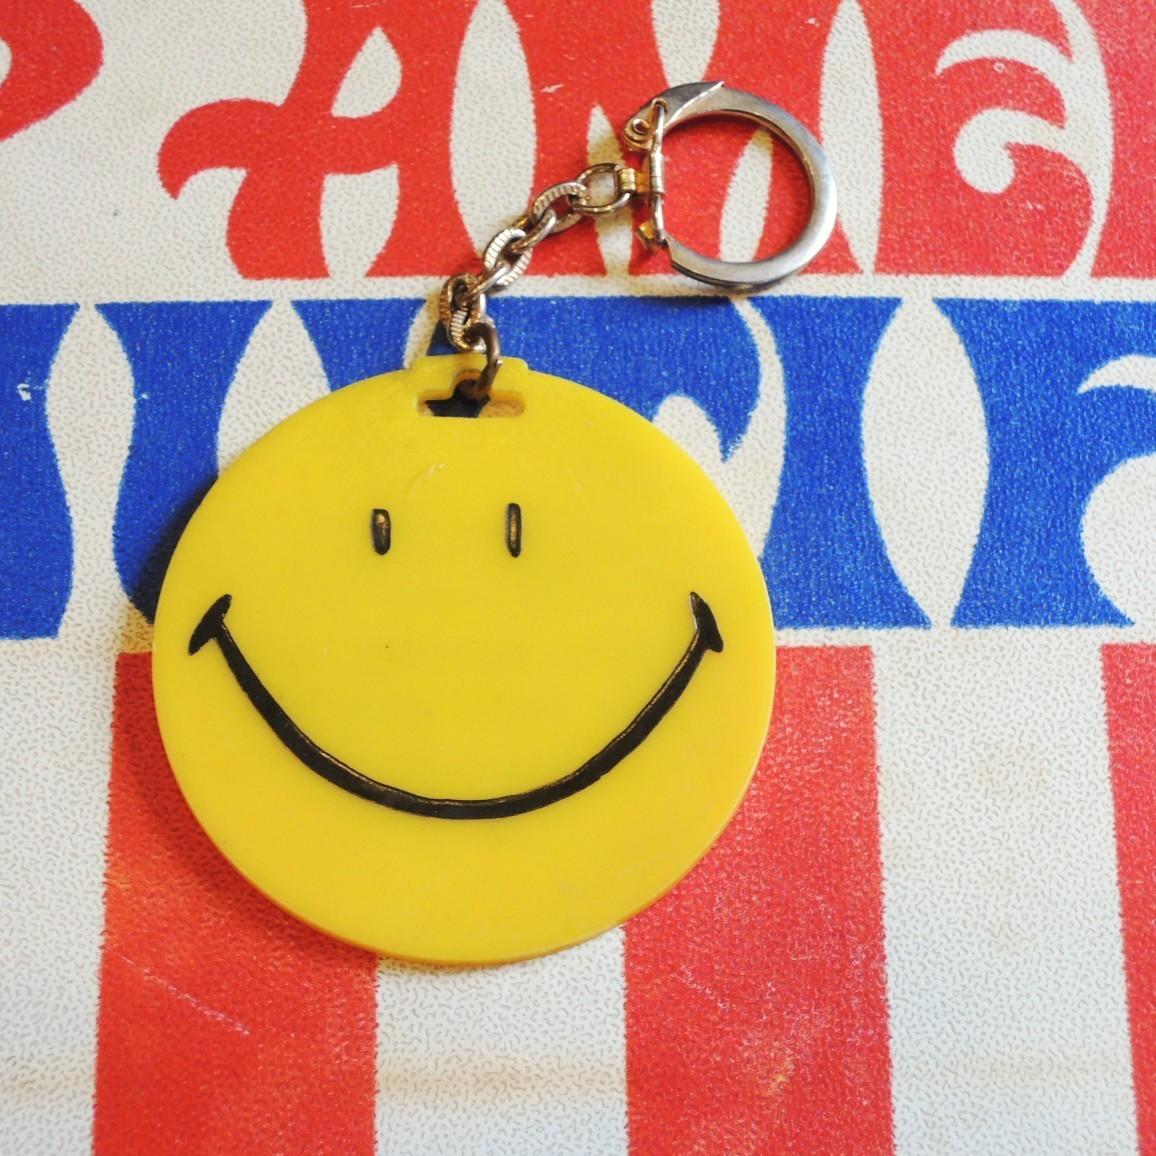 smileykeyholder01.JPG